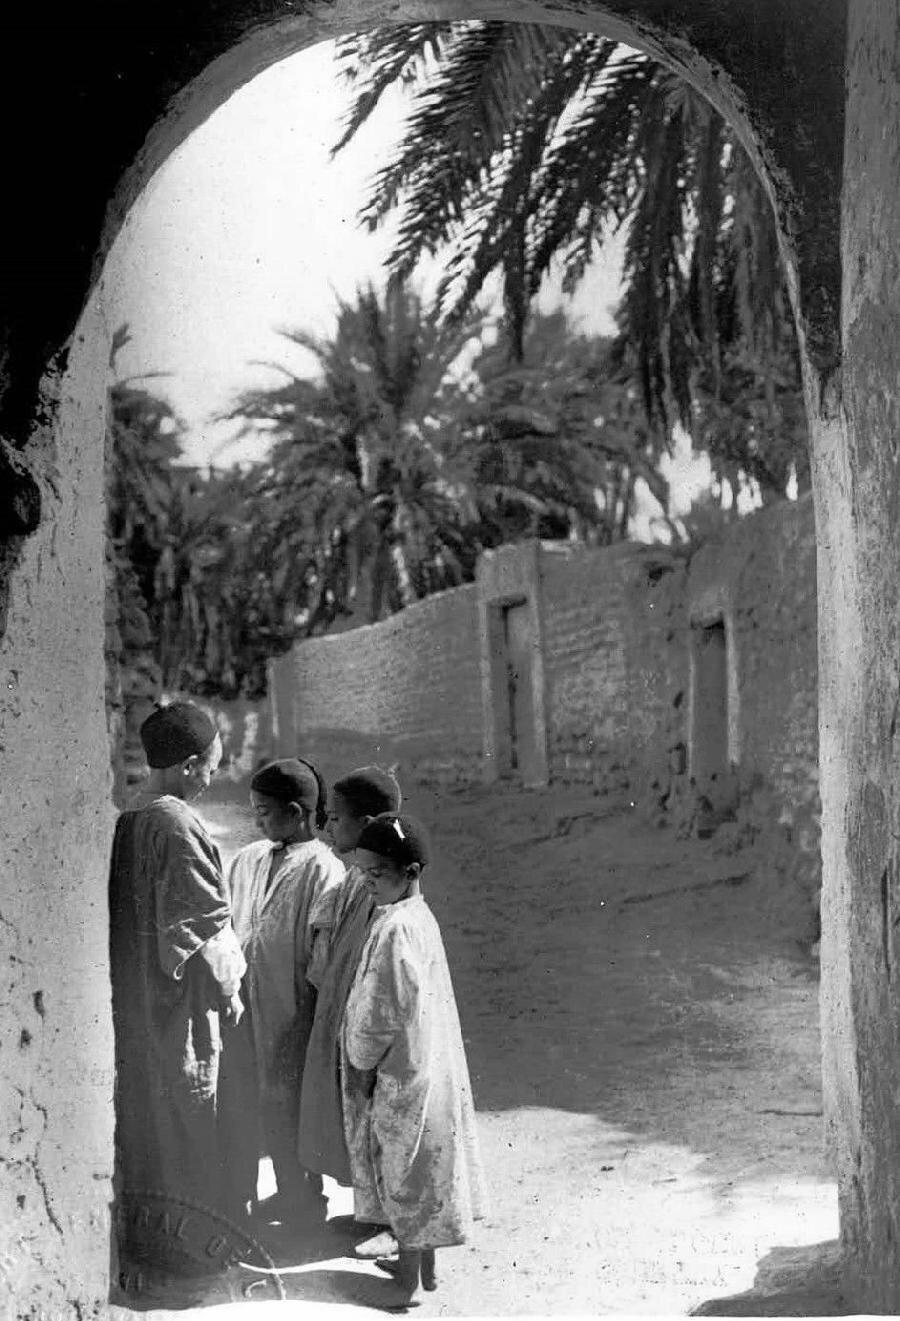 1920 baskılı bu fotoğrafta Cezayirli öğrenciler görülüyor. O dönemde Fransız ve Cezayirli öğrenciler farklı okullarda eğitim görüyordu.